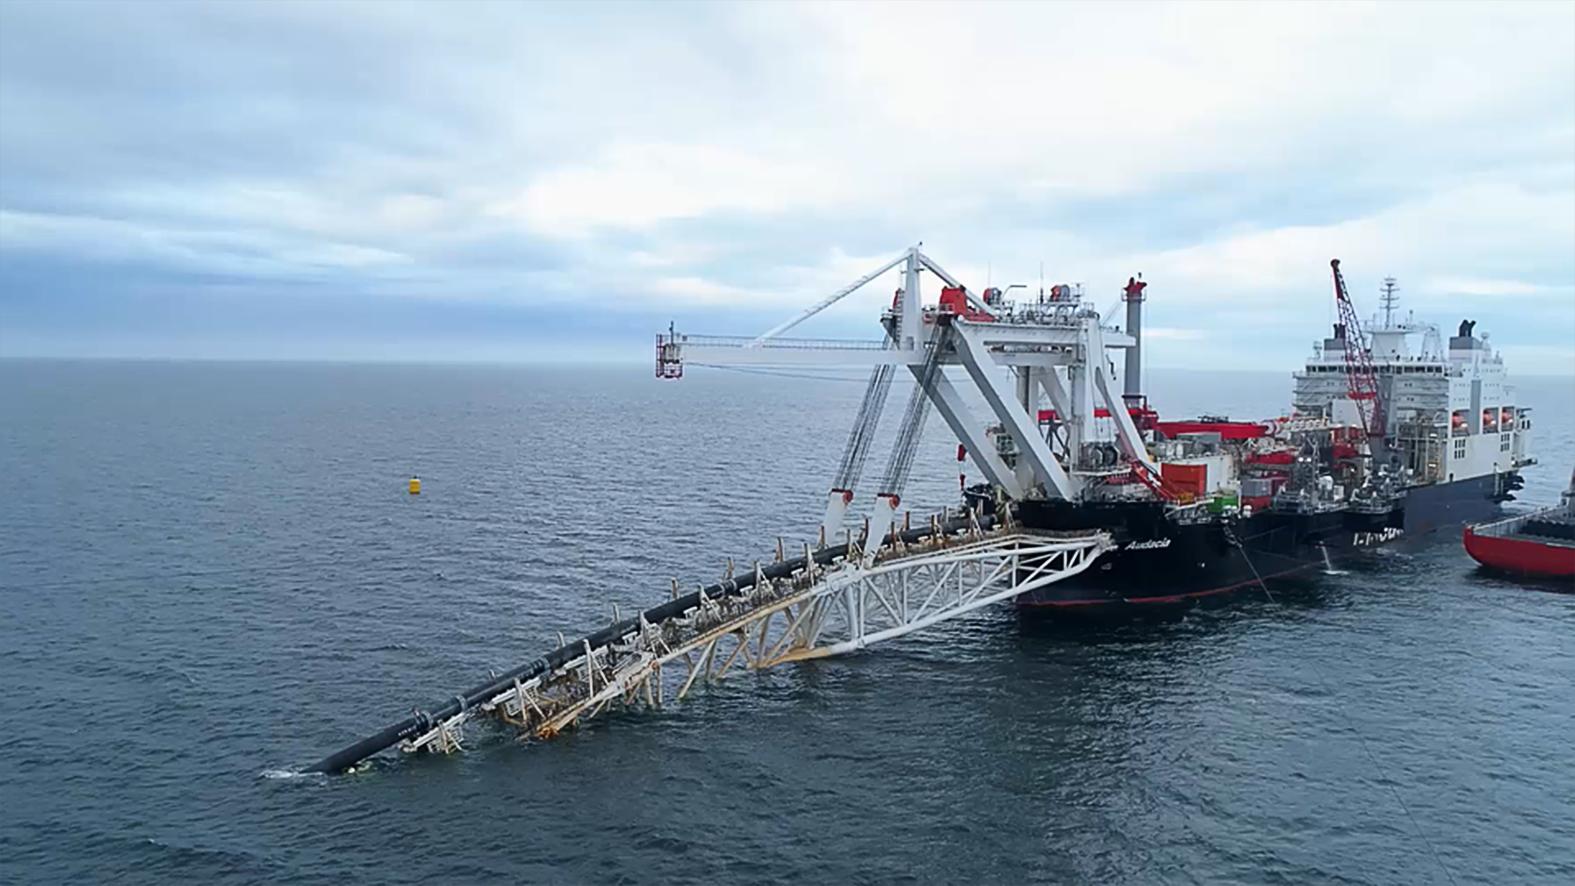 """""""Az Északi Áramlat-2 egy 9,5 milliárd eurós projekt, amelynek keretében két új, összesen évi 55 milliárd köbméter – a már meglévő vezetékpárral azonos – szállítási kapacitású vezetékkel bővíthetik a Balti-tenger fenekén húzódó Északi Áramlatot, amelynek kiindulási pontja az oroszországi Viborg, és amely a németországi Greifswaldig tart"""" #moszkvater"""